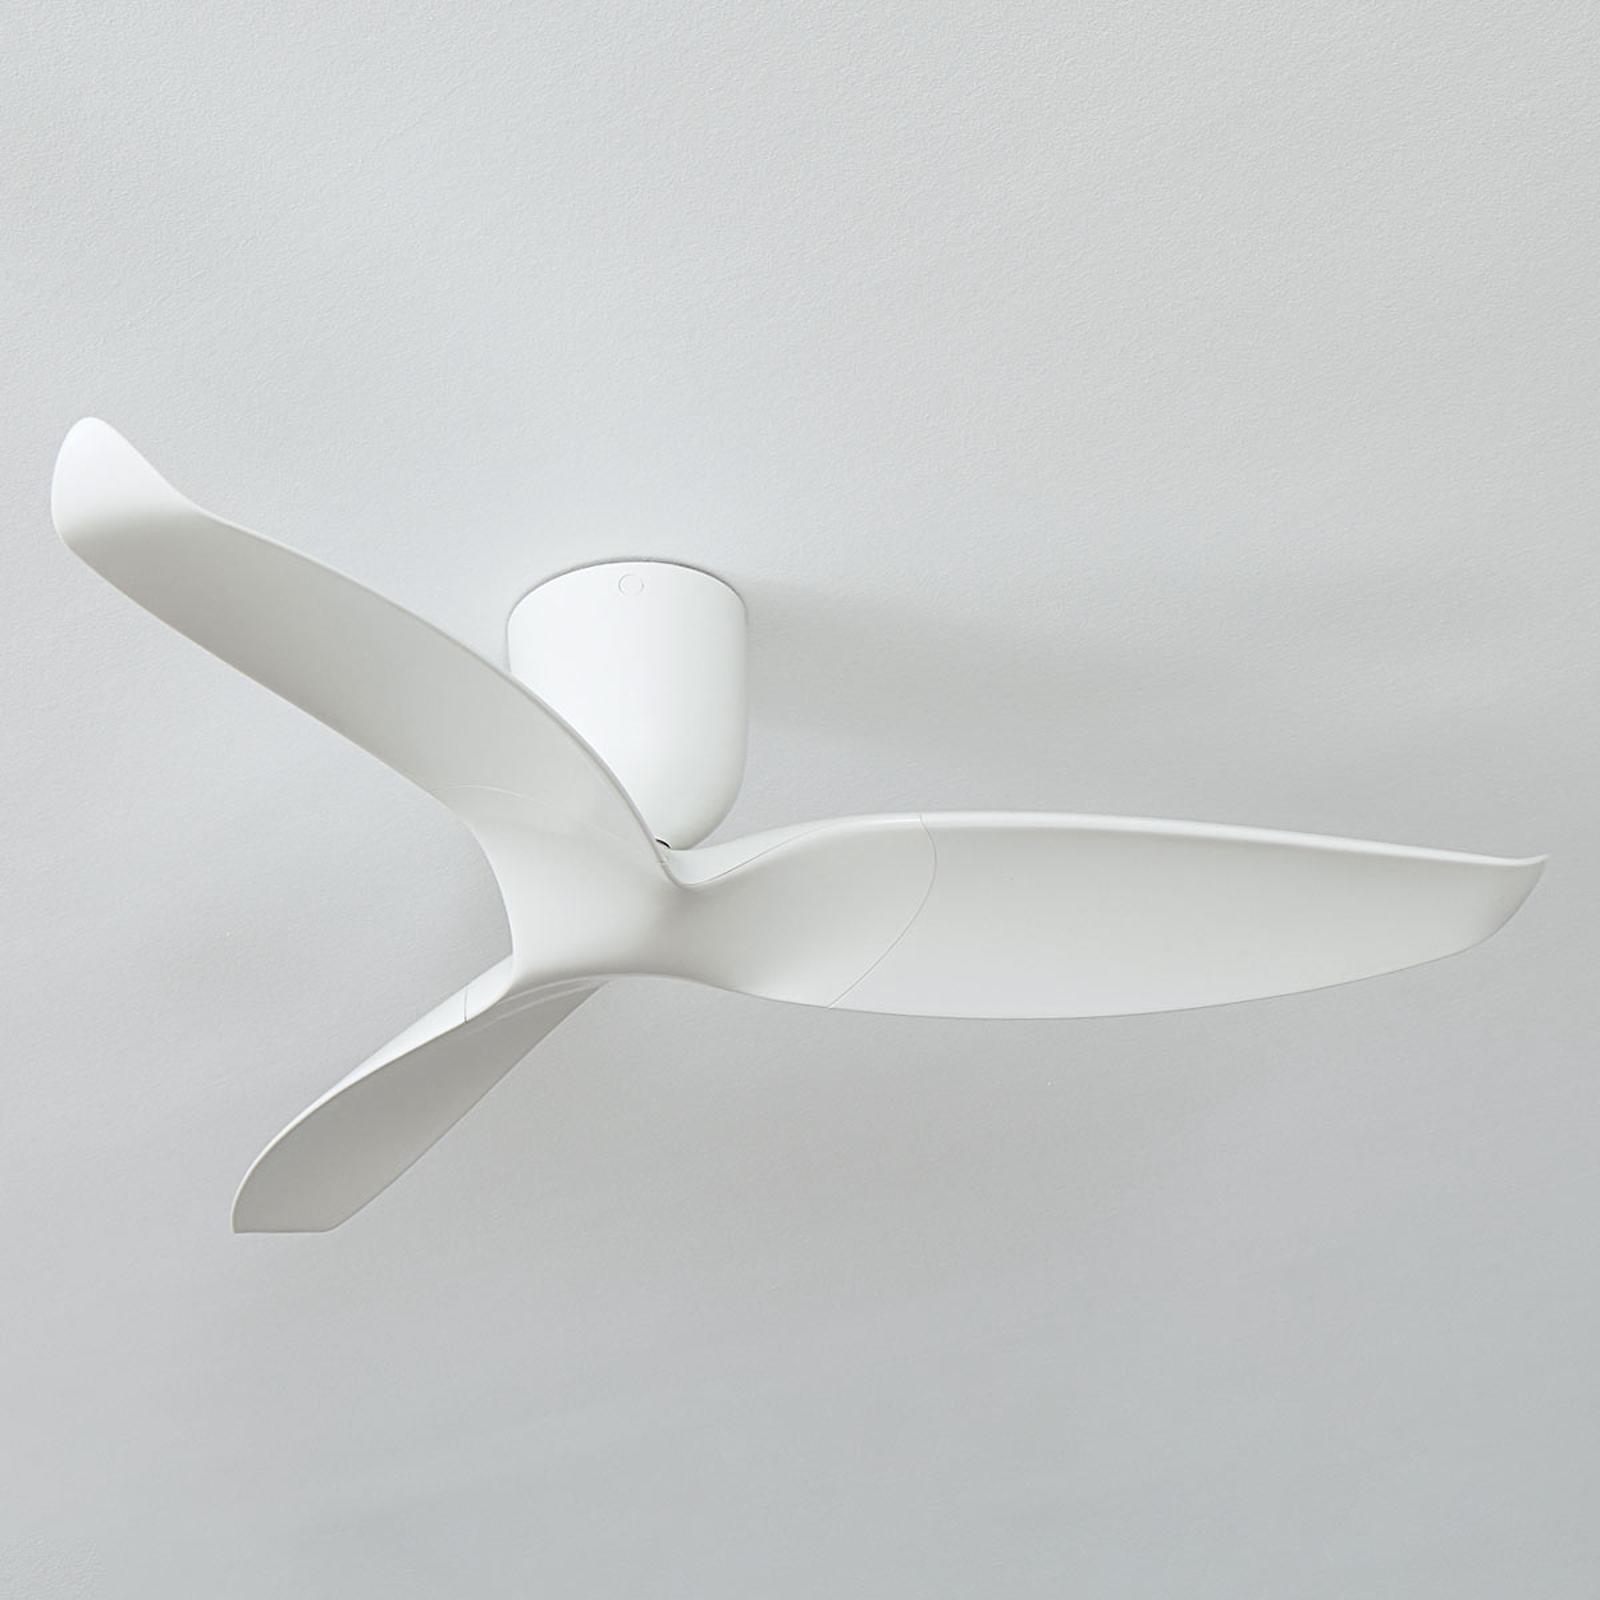 Acquista Aeratron AE3+ ventilatore, 126 cm, bianco